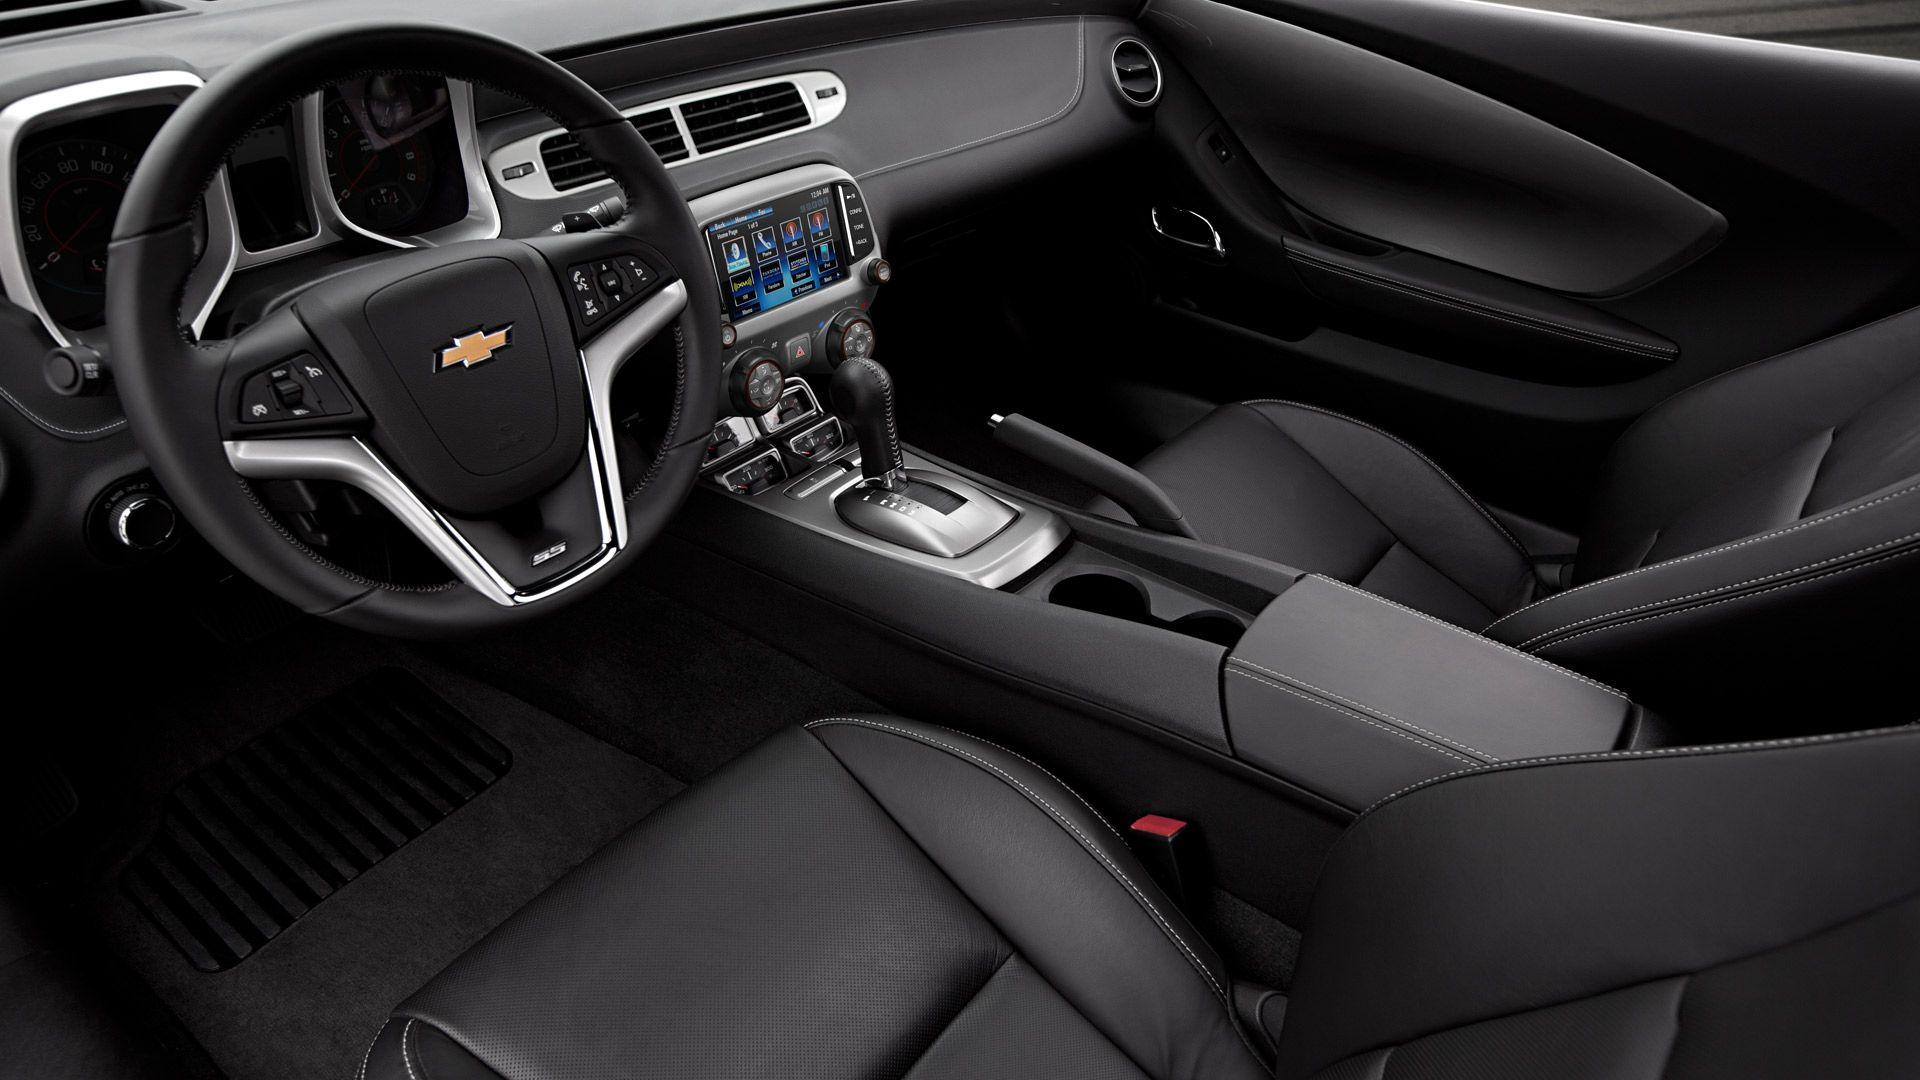 features reviews chevrolet camaro convertible price photos interior